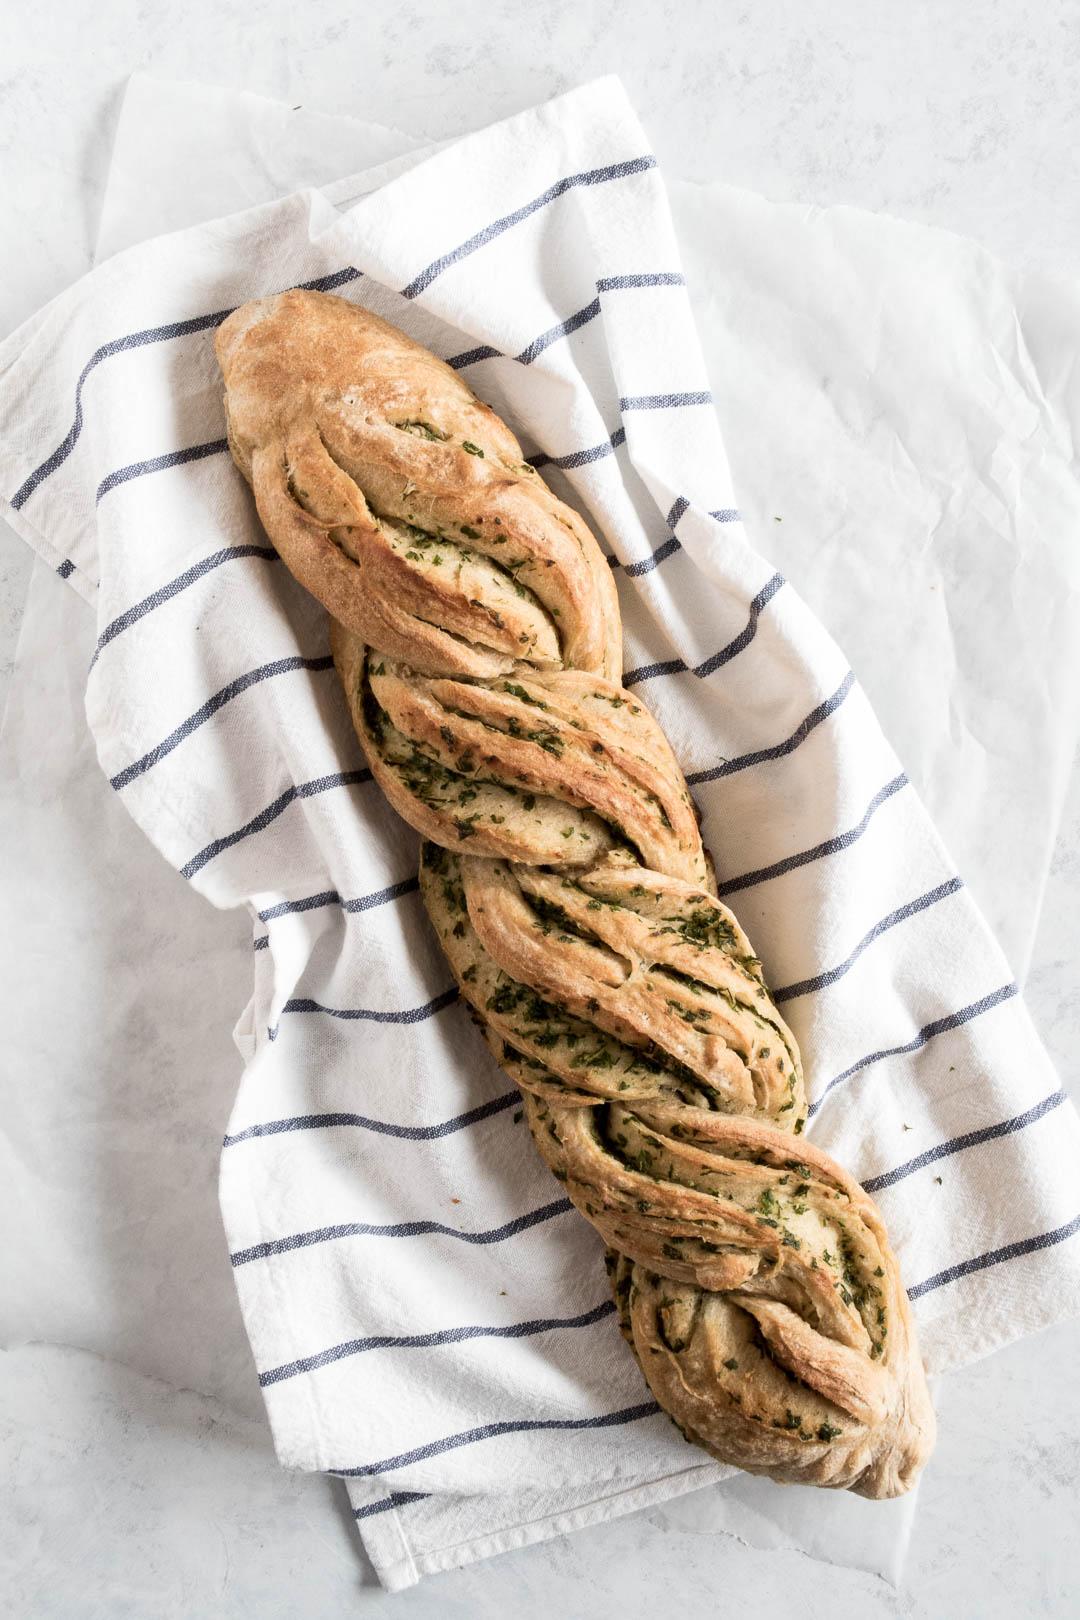 Hvidløgsbrød - opskrift på hvidløgsflute, snoet brød med hvidløgssmør